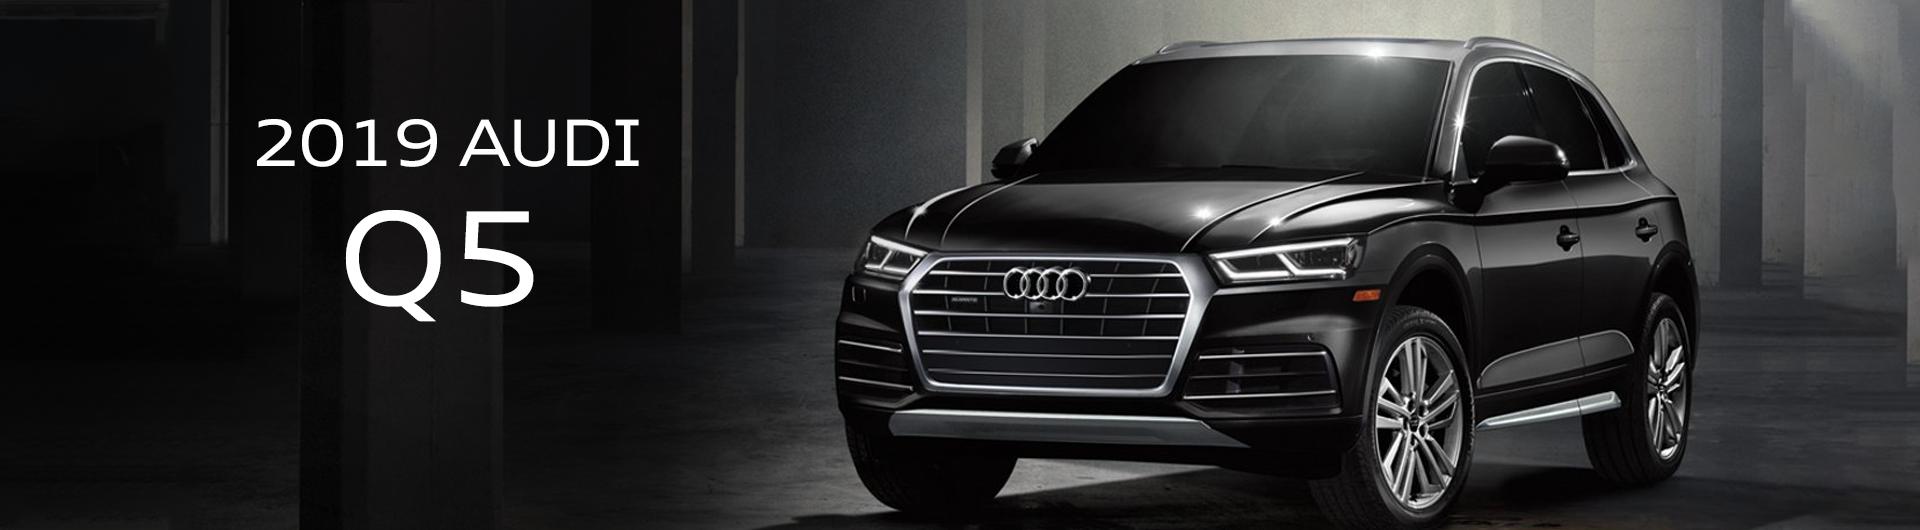 2019 Audi Q5 | Flemington Audi